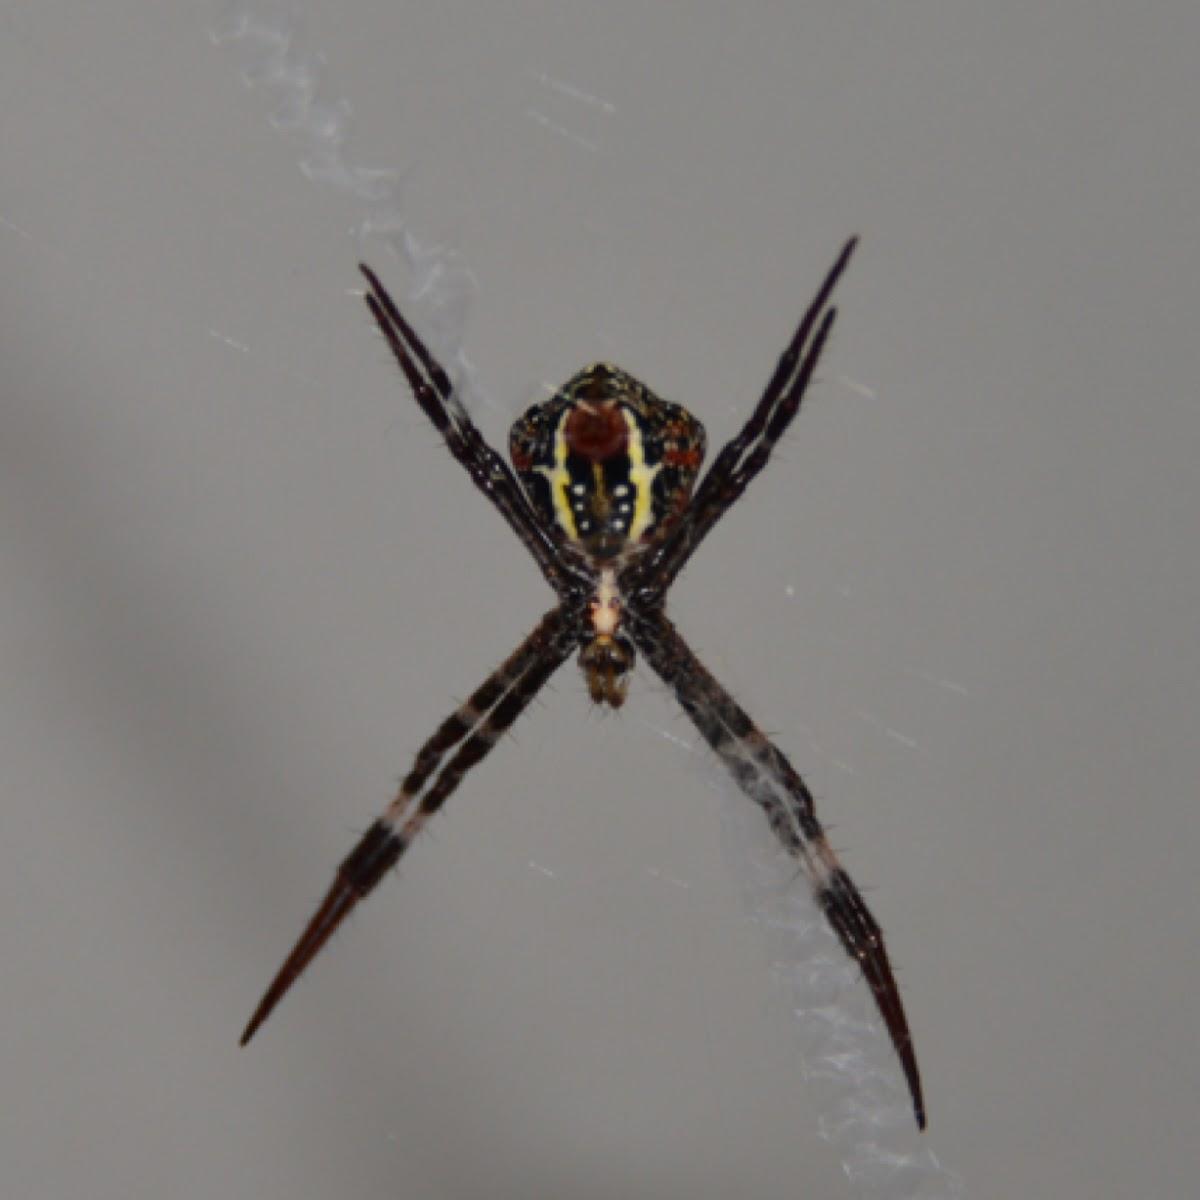 St. Andrew's Cross Spider (female)